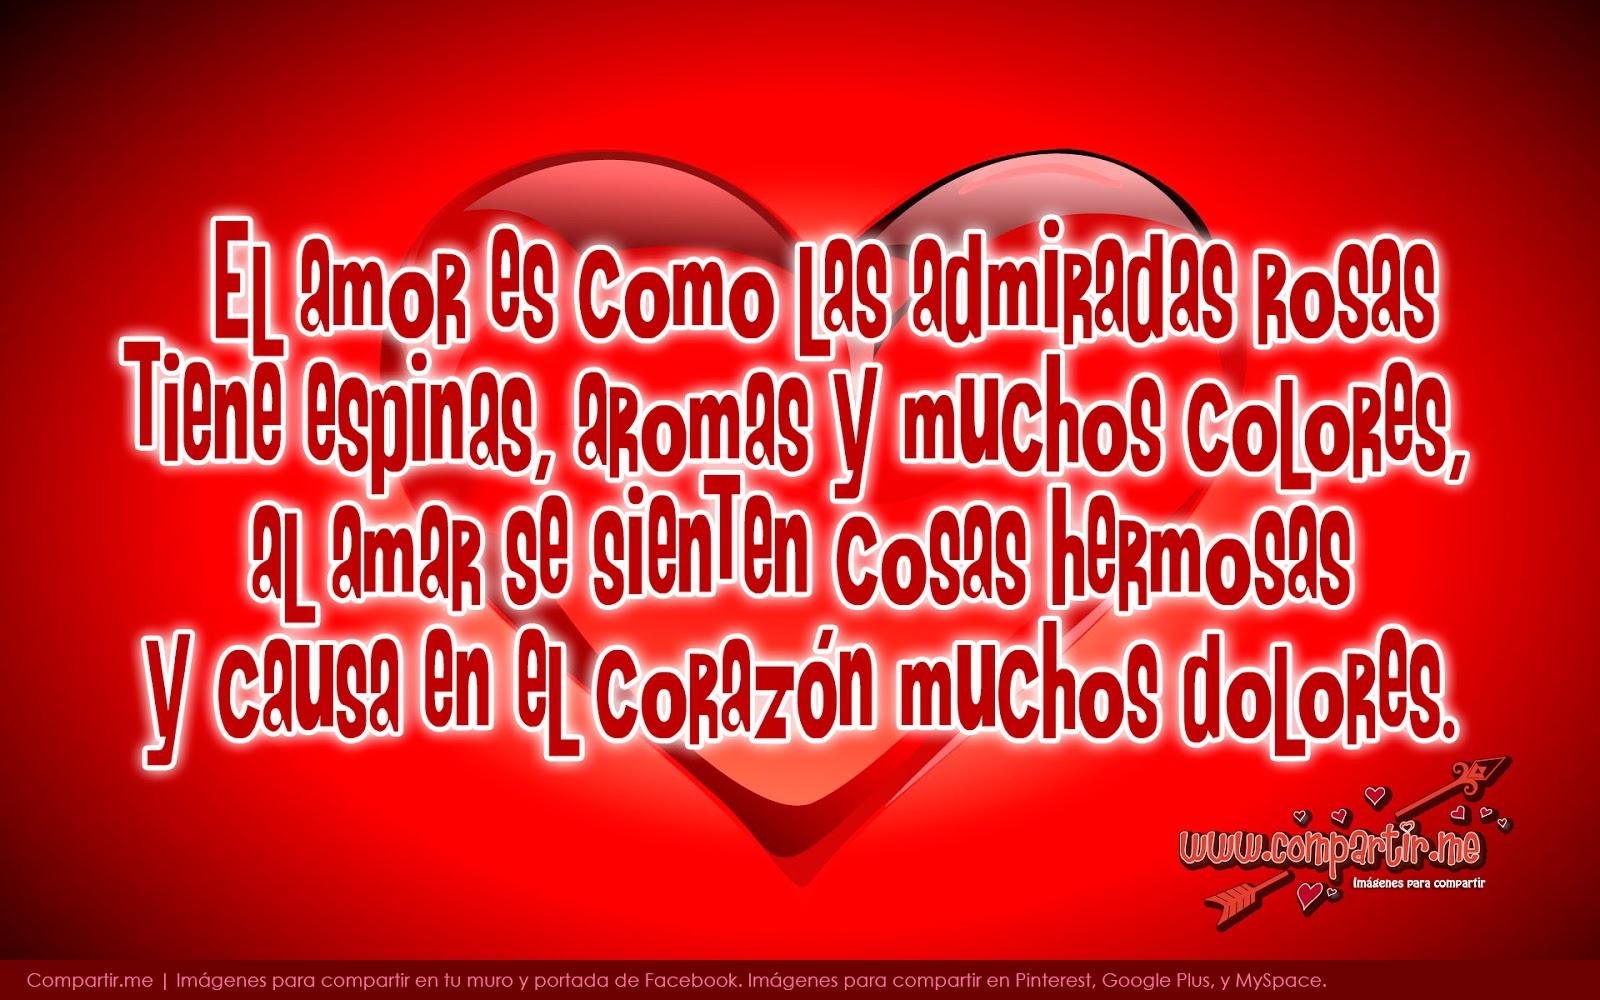 Frases De Amor Es Con Corazon